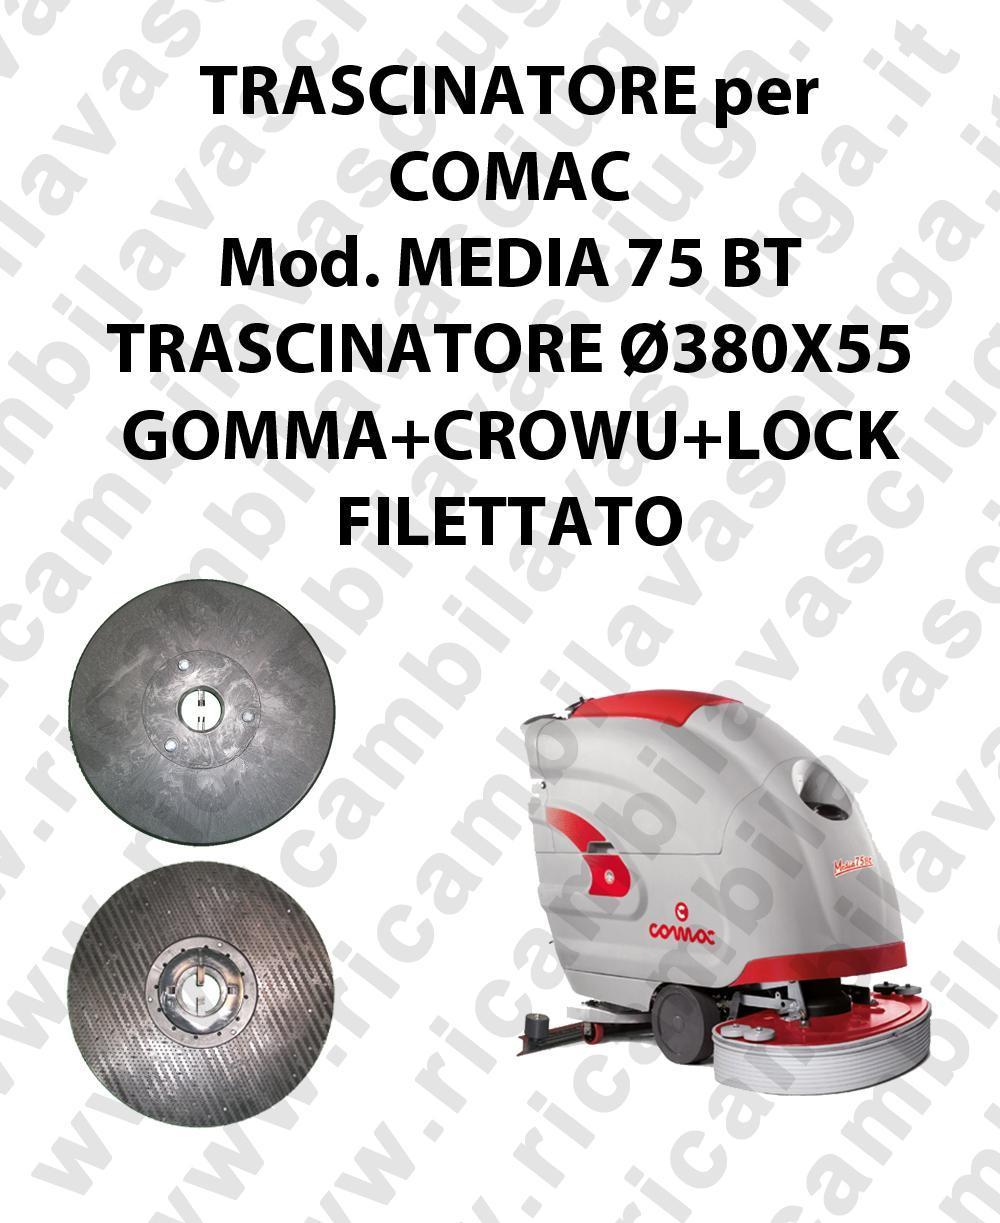 Discos de arrastre para fregadora COMAC modelo MEDIA 75 BT